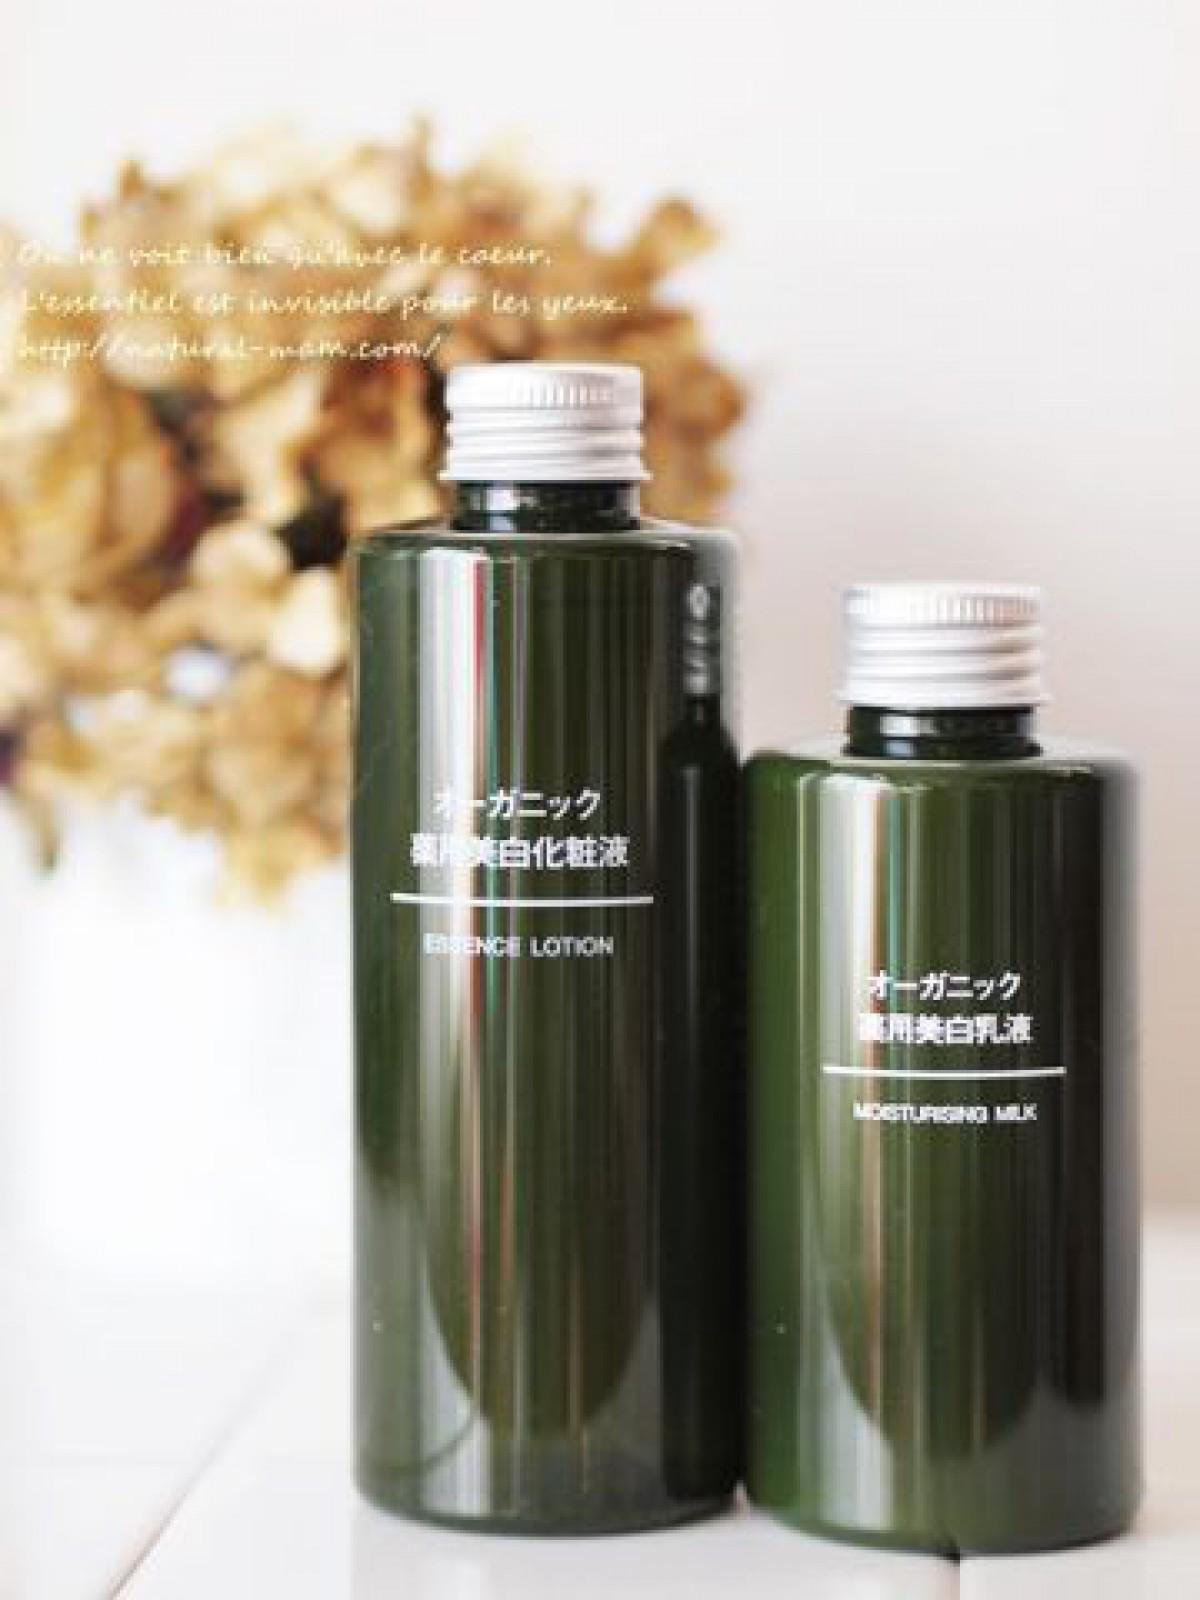 無印良品のオーガニック美白化粧水&乳液をお試し